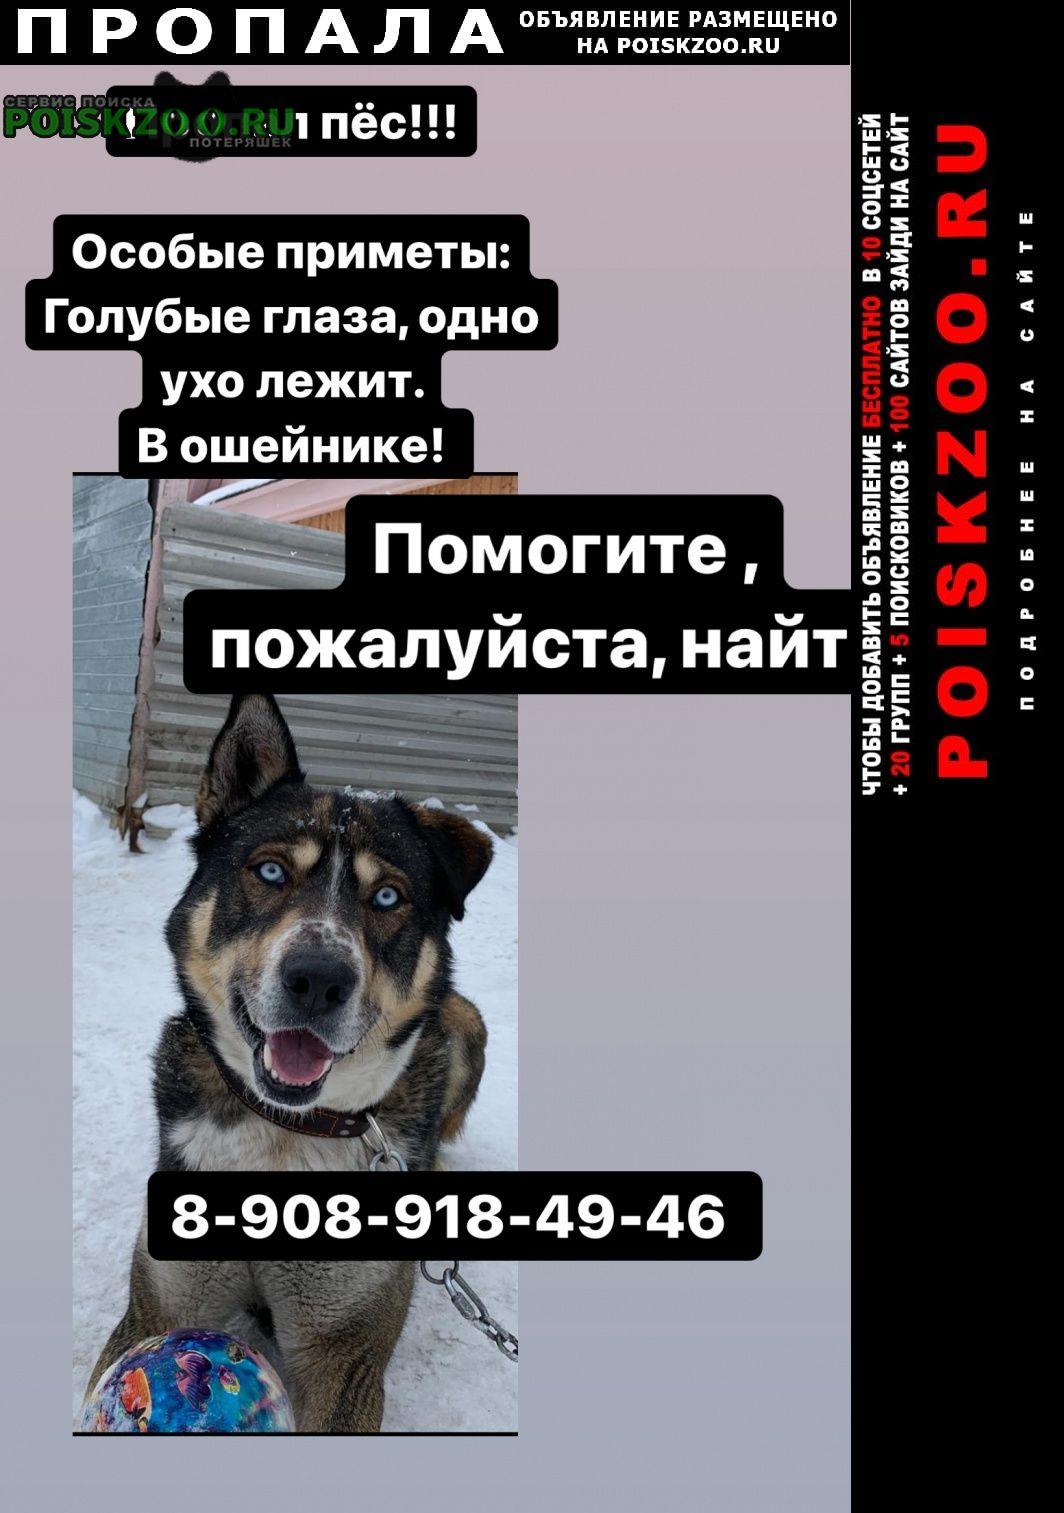 Екатеринбург Пропала собака кобель, голубые глаза, в ошейнике